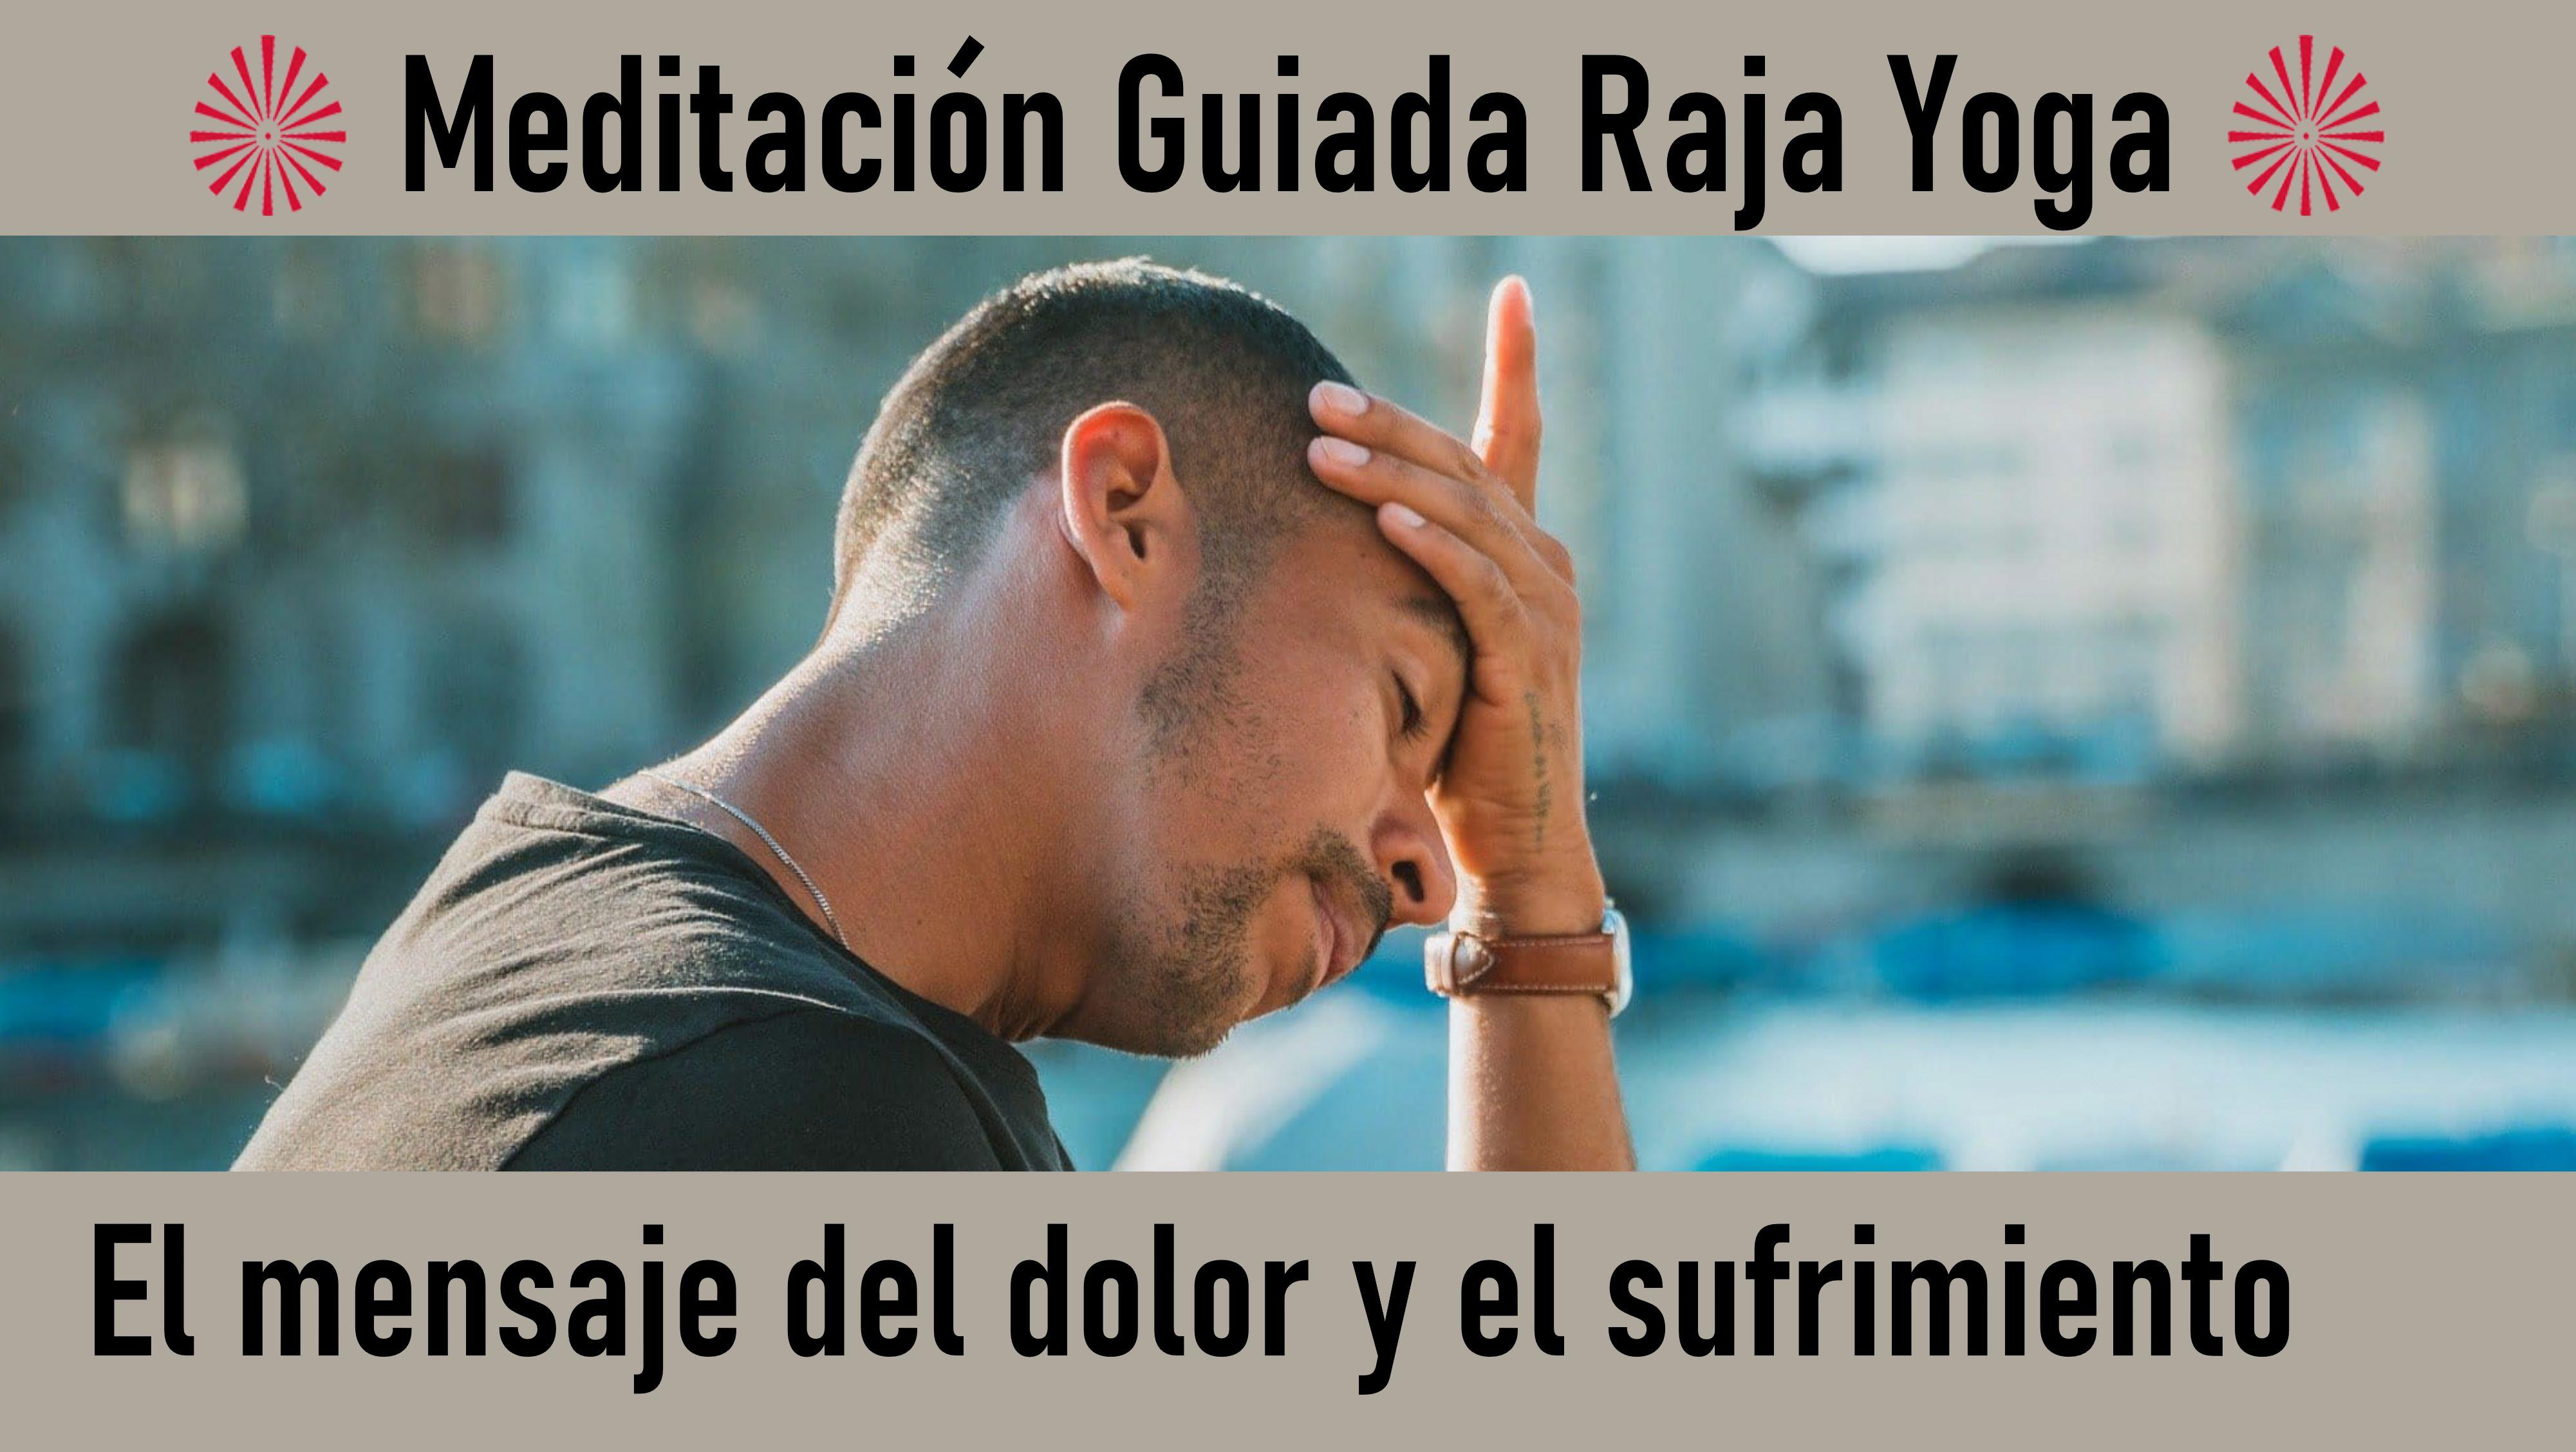 9 Julio 2020 Meditación Guiada: El mensaje del dolor y el sufrimiento